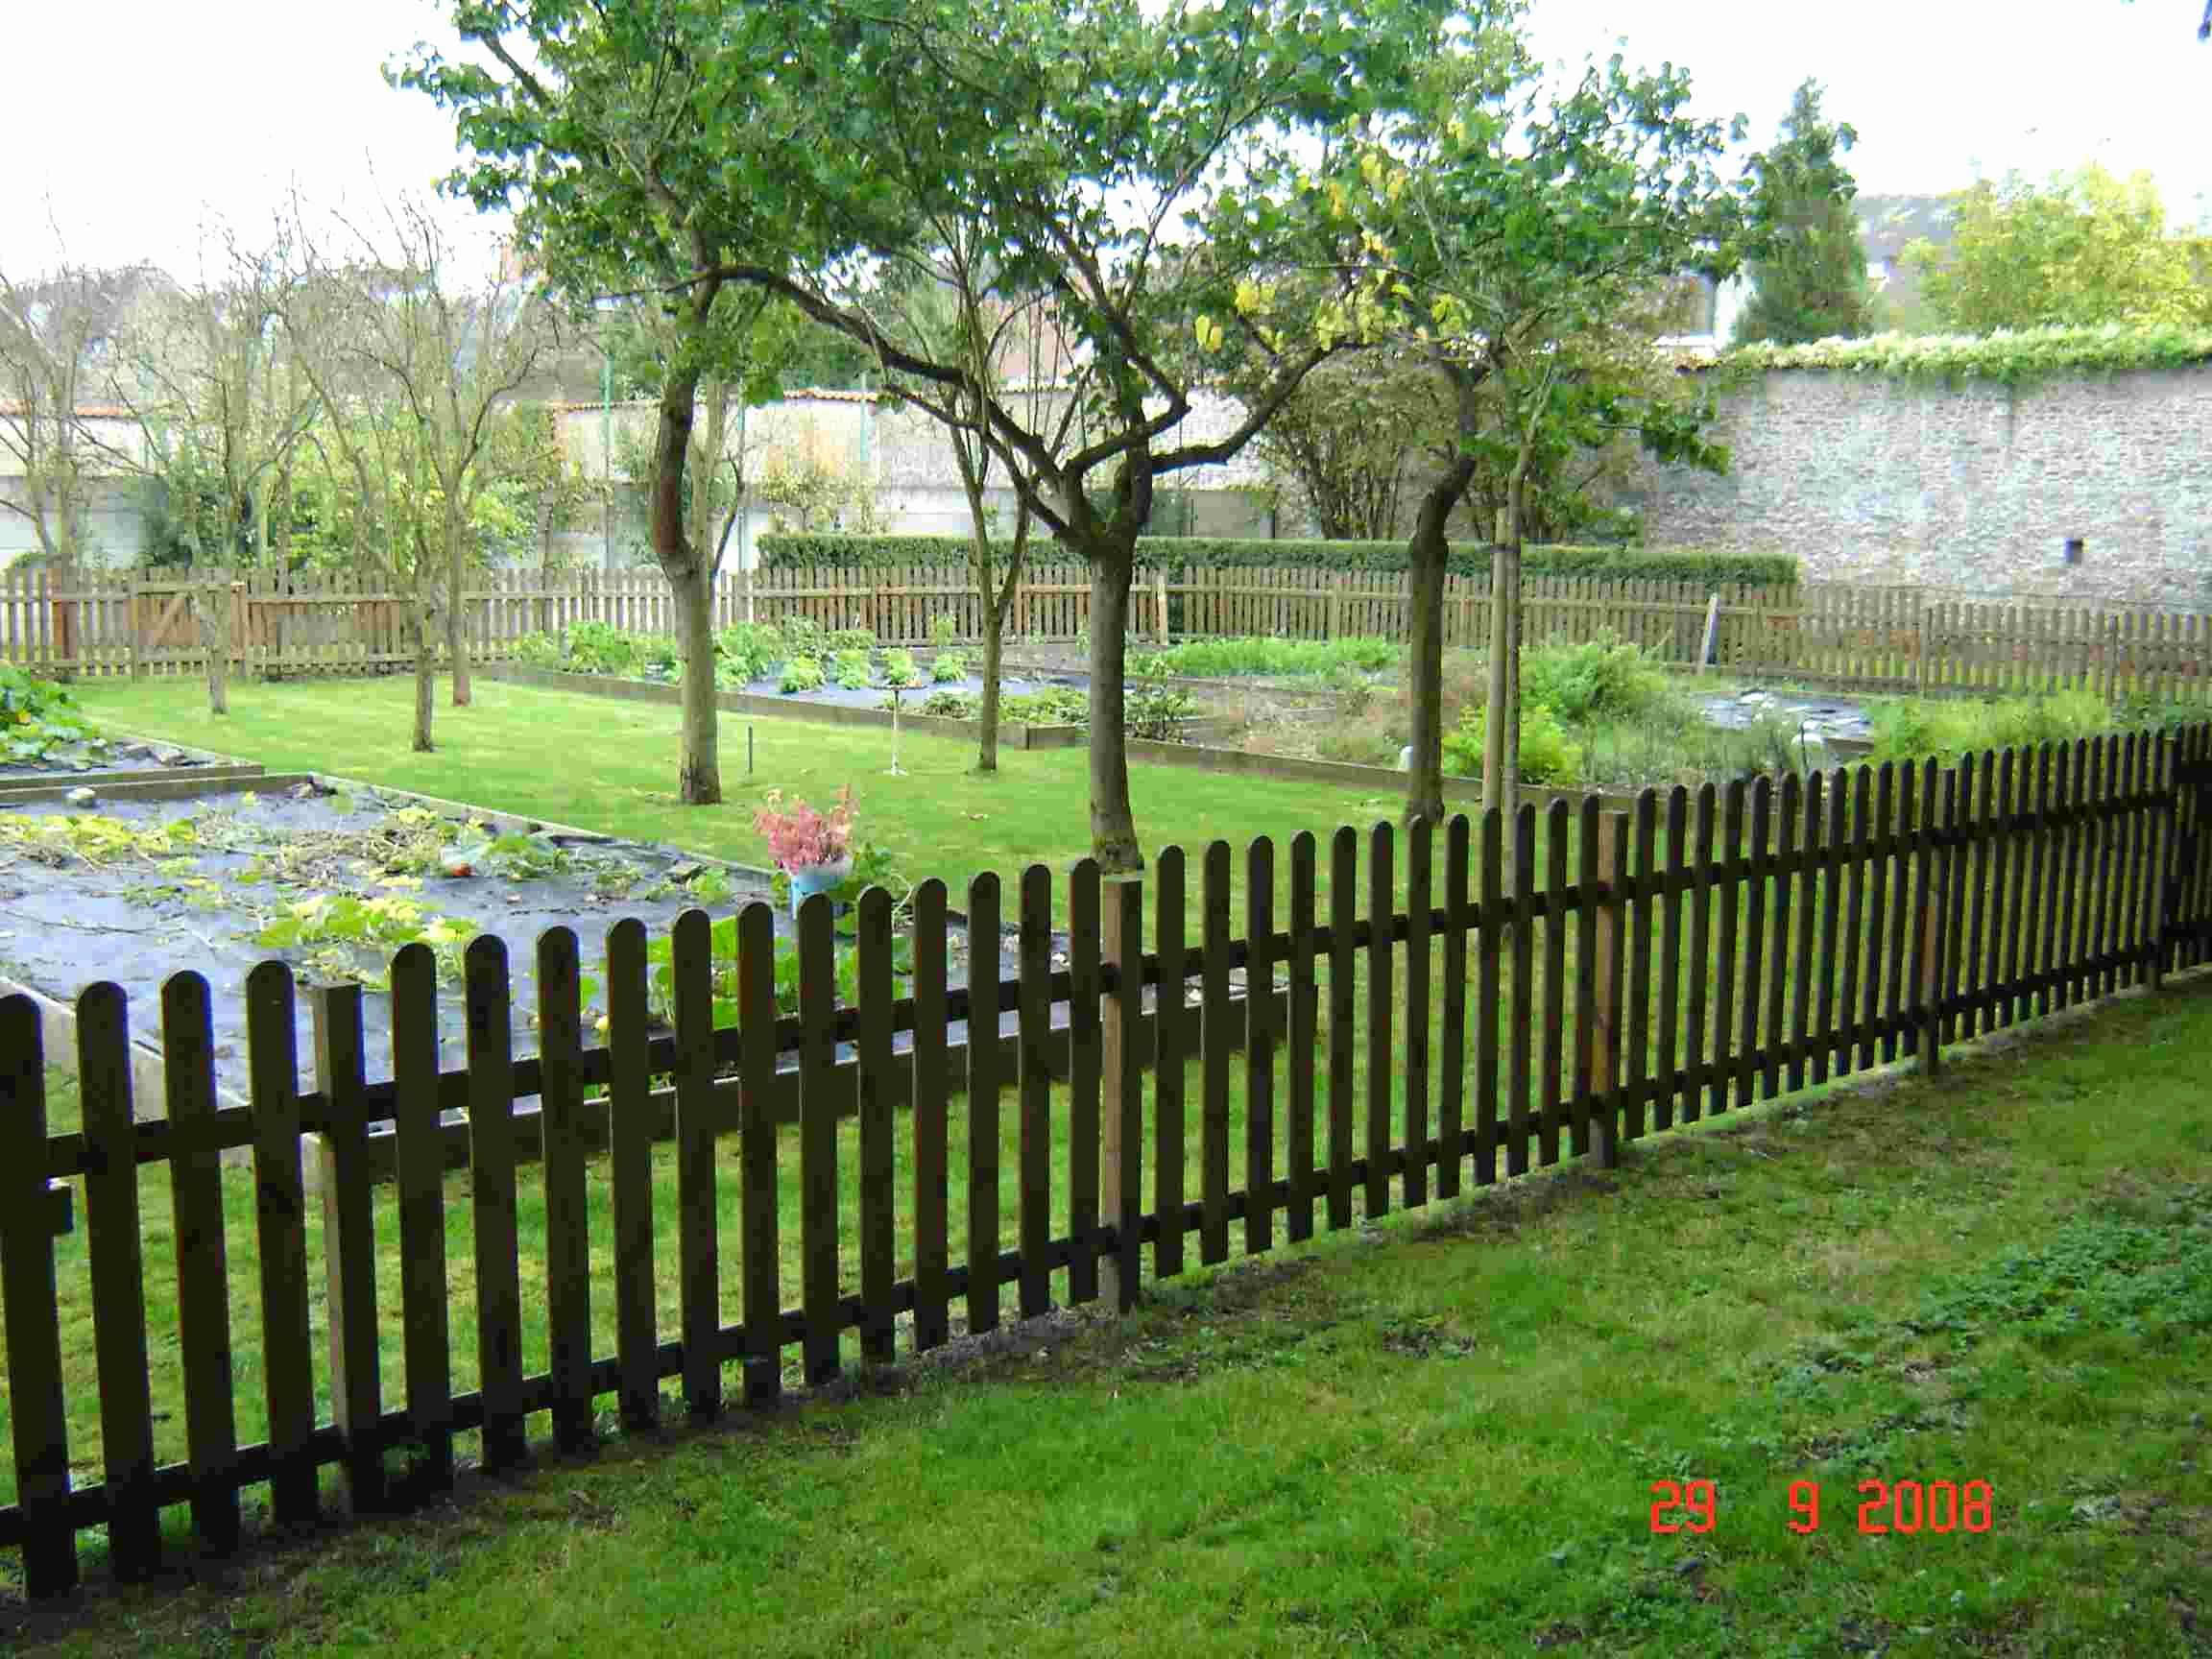 Cloture Jardin Leroy Merlin Nouveau Image Leroy Merlin Jardin Cloture Frais Leroy Merlin Barriere Génial